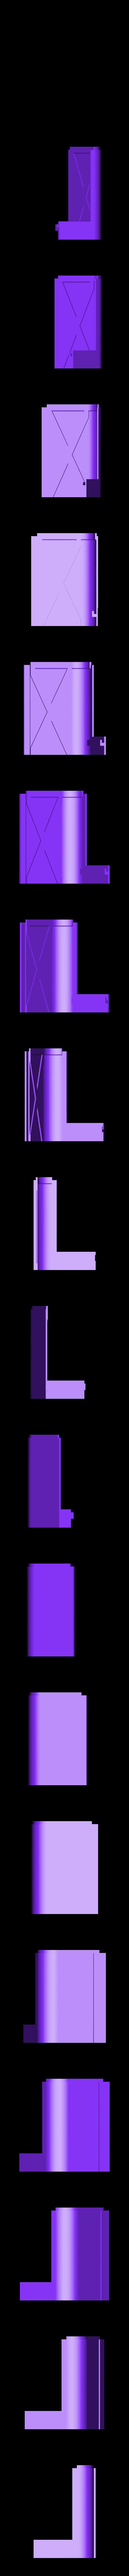 right_front_bottom.stl Télécharger fichier STL gratuit wanhao D7 boîtier, couvercle, couvercle, couvercle • Plan à imprimer en 3D, mariospeed